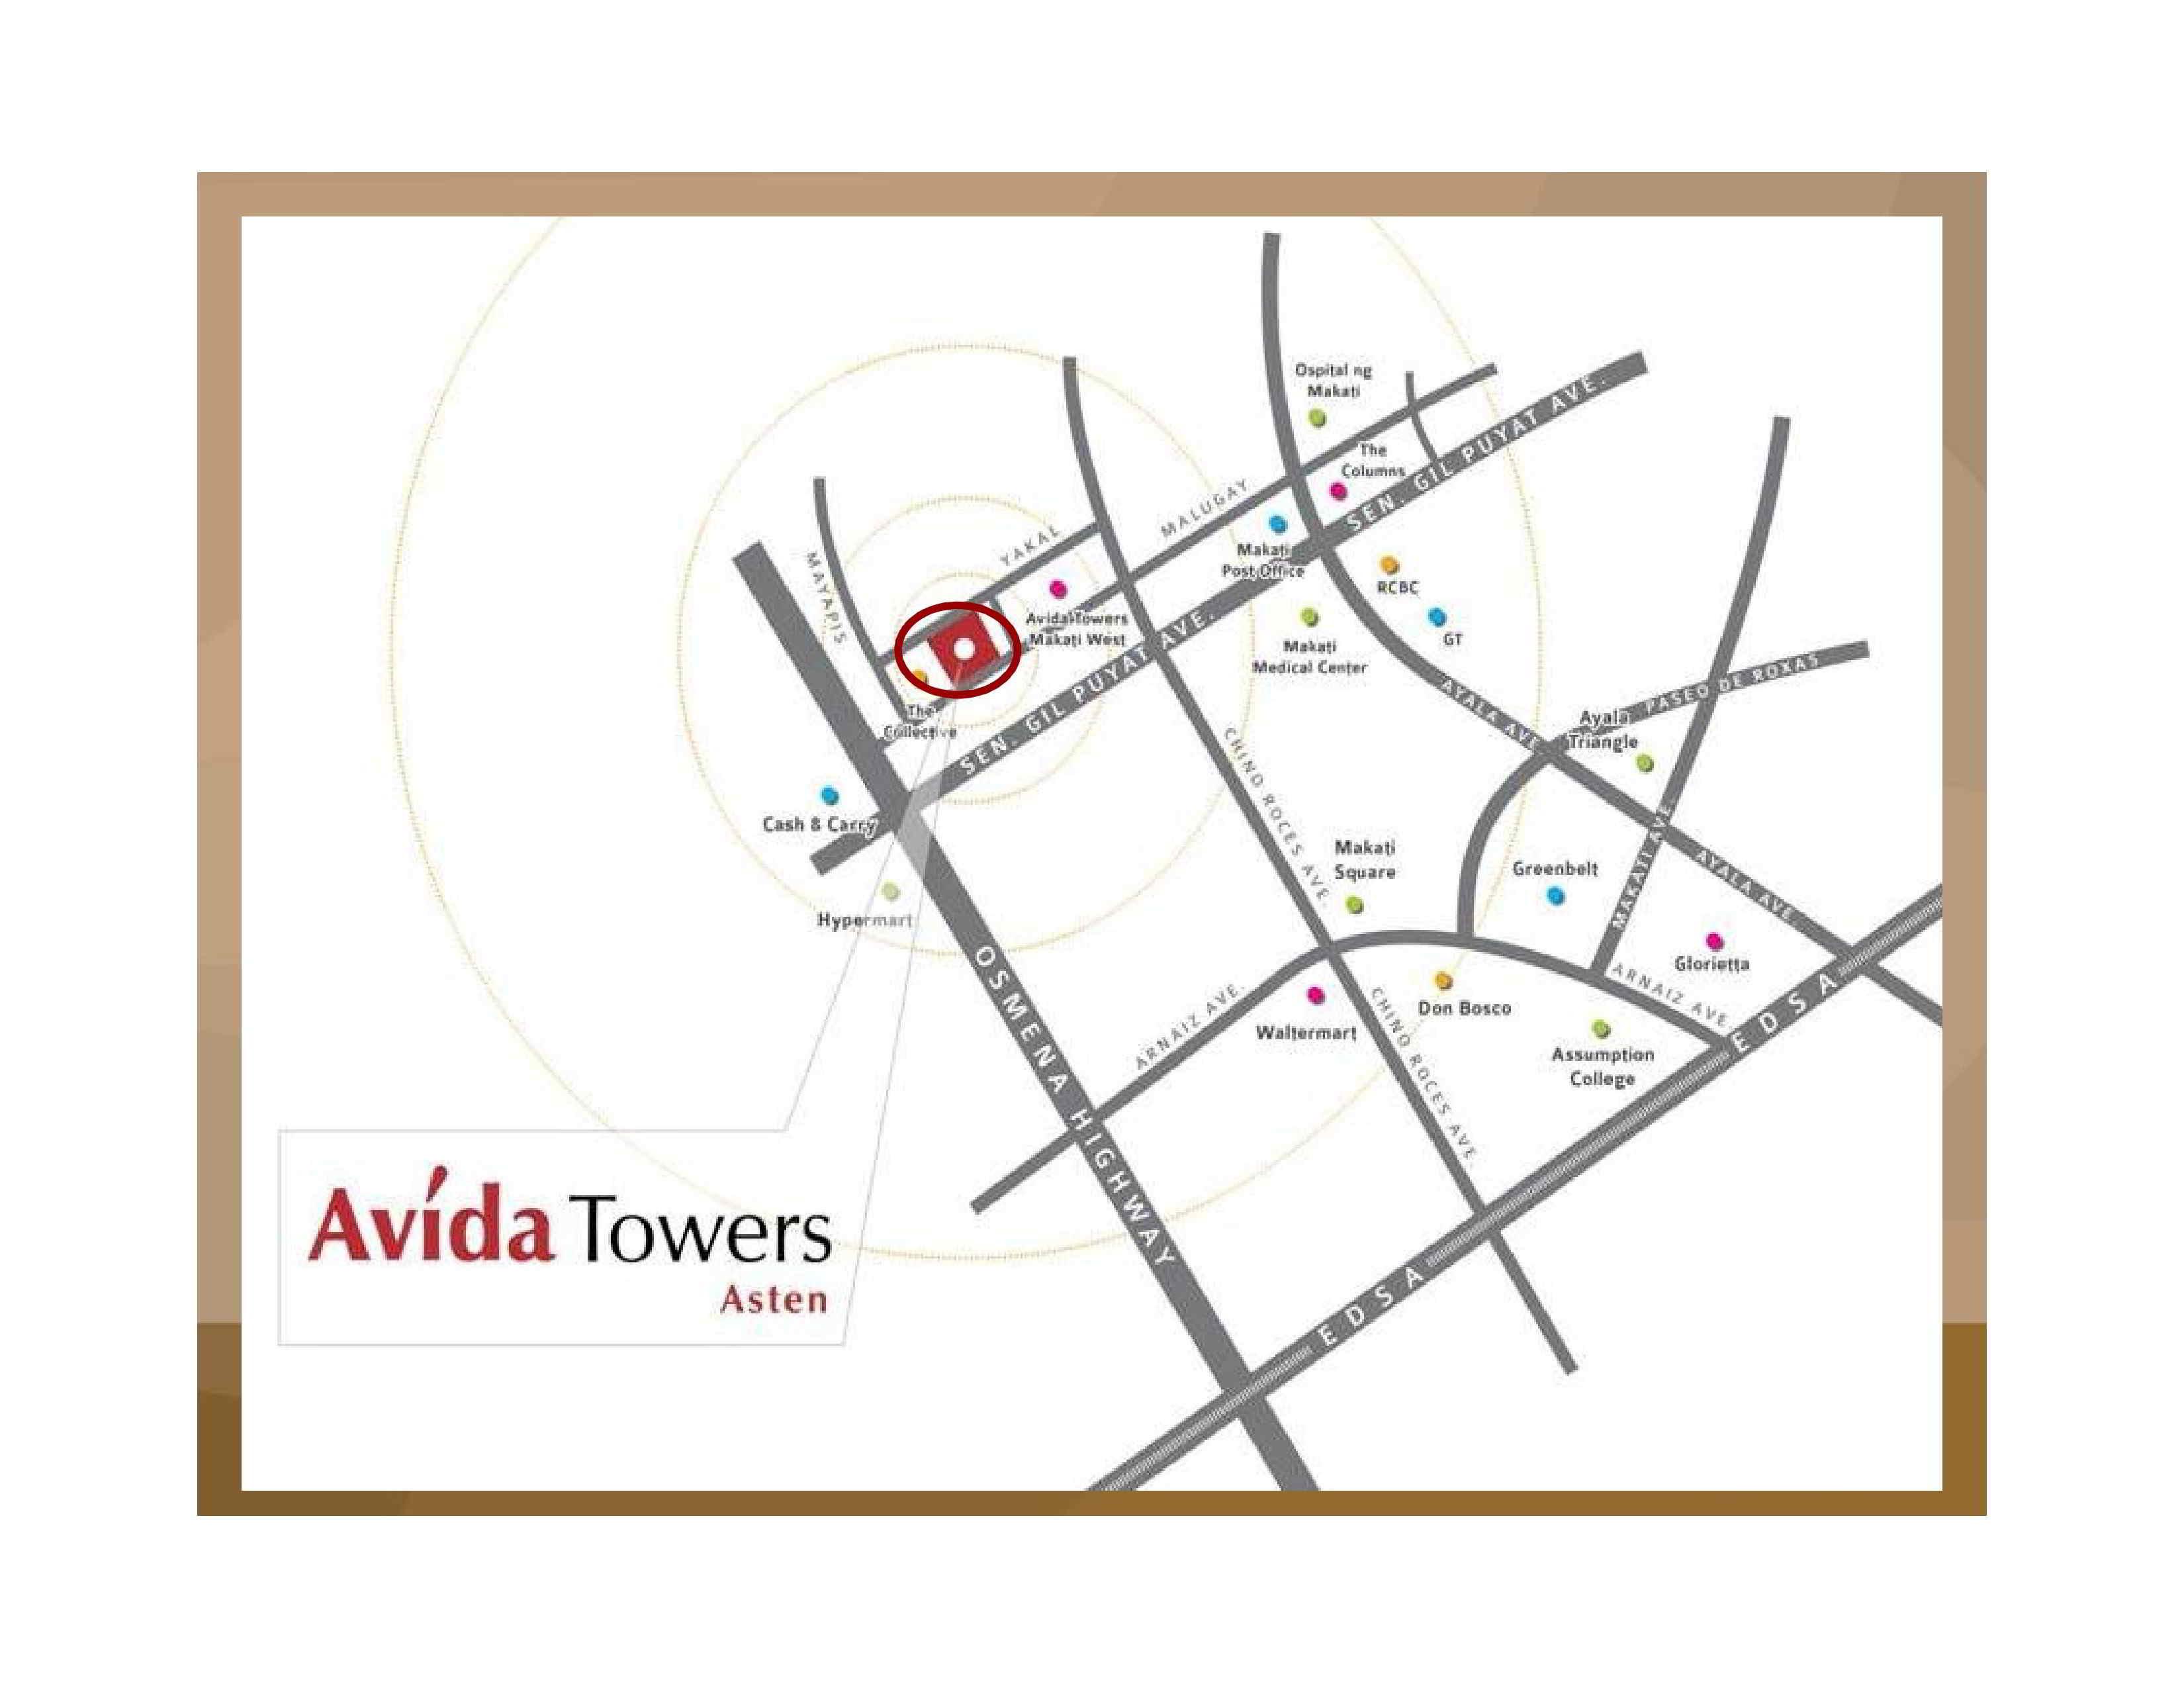 ASTEN TOWER AVIDA LOCATION